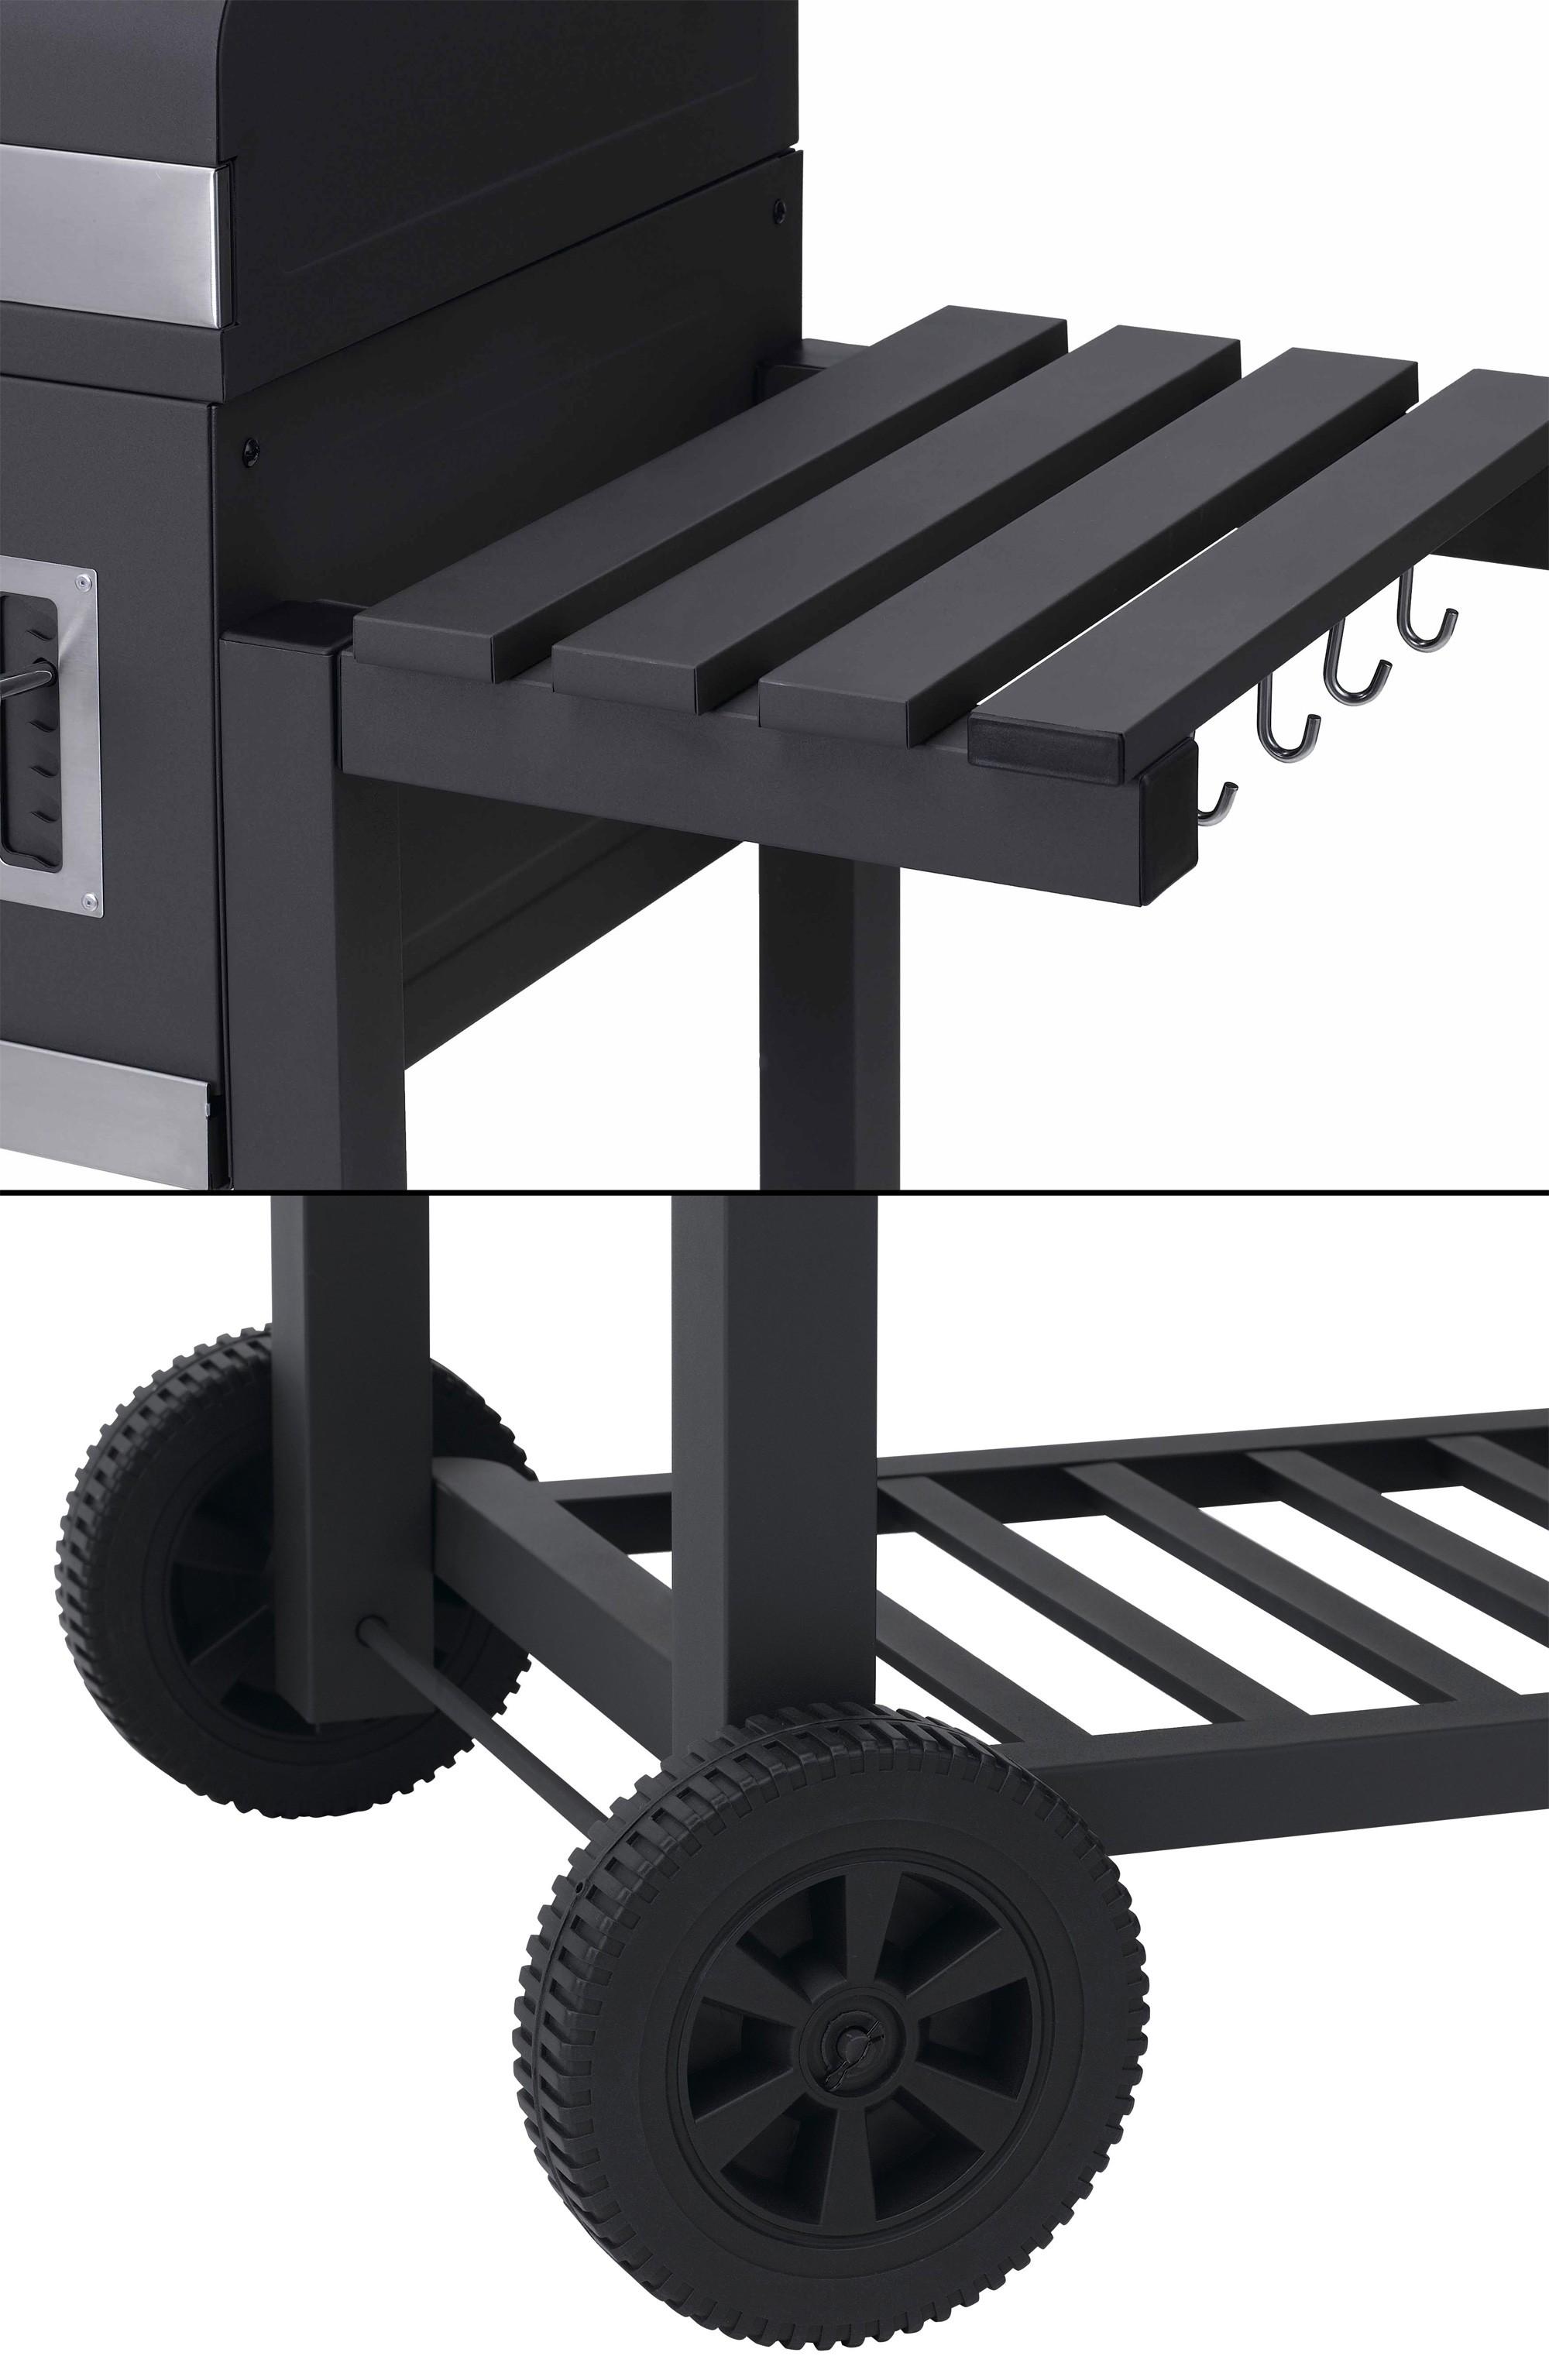 Tepro Holkohlegrill / Grillwagen Toronto XXL Grillfläche 71x46cm Bild 4